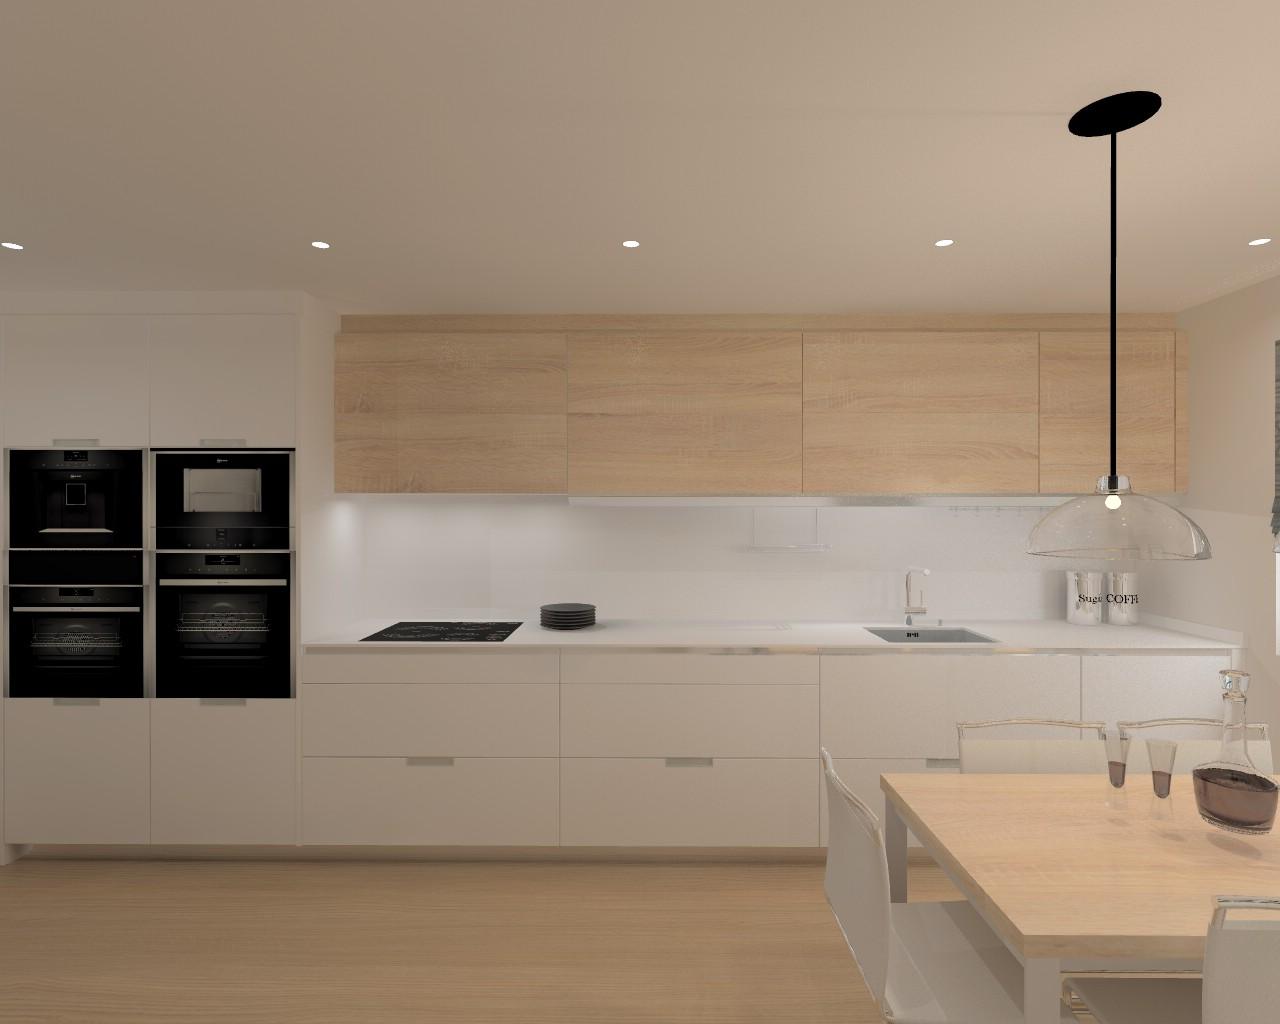 Proyecto cocina santos modelo line l con encimera dalian for Modelos de cocinas en l